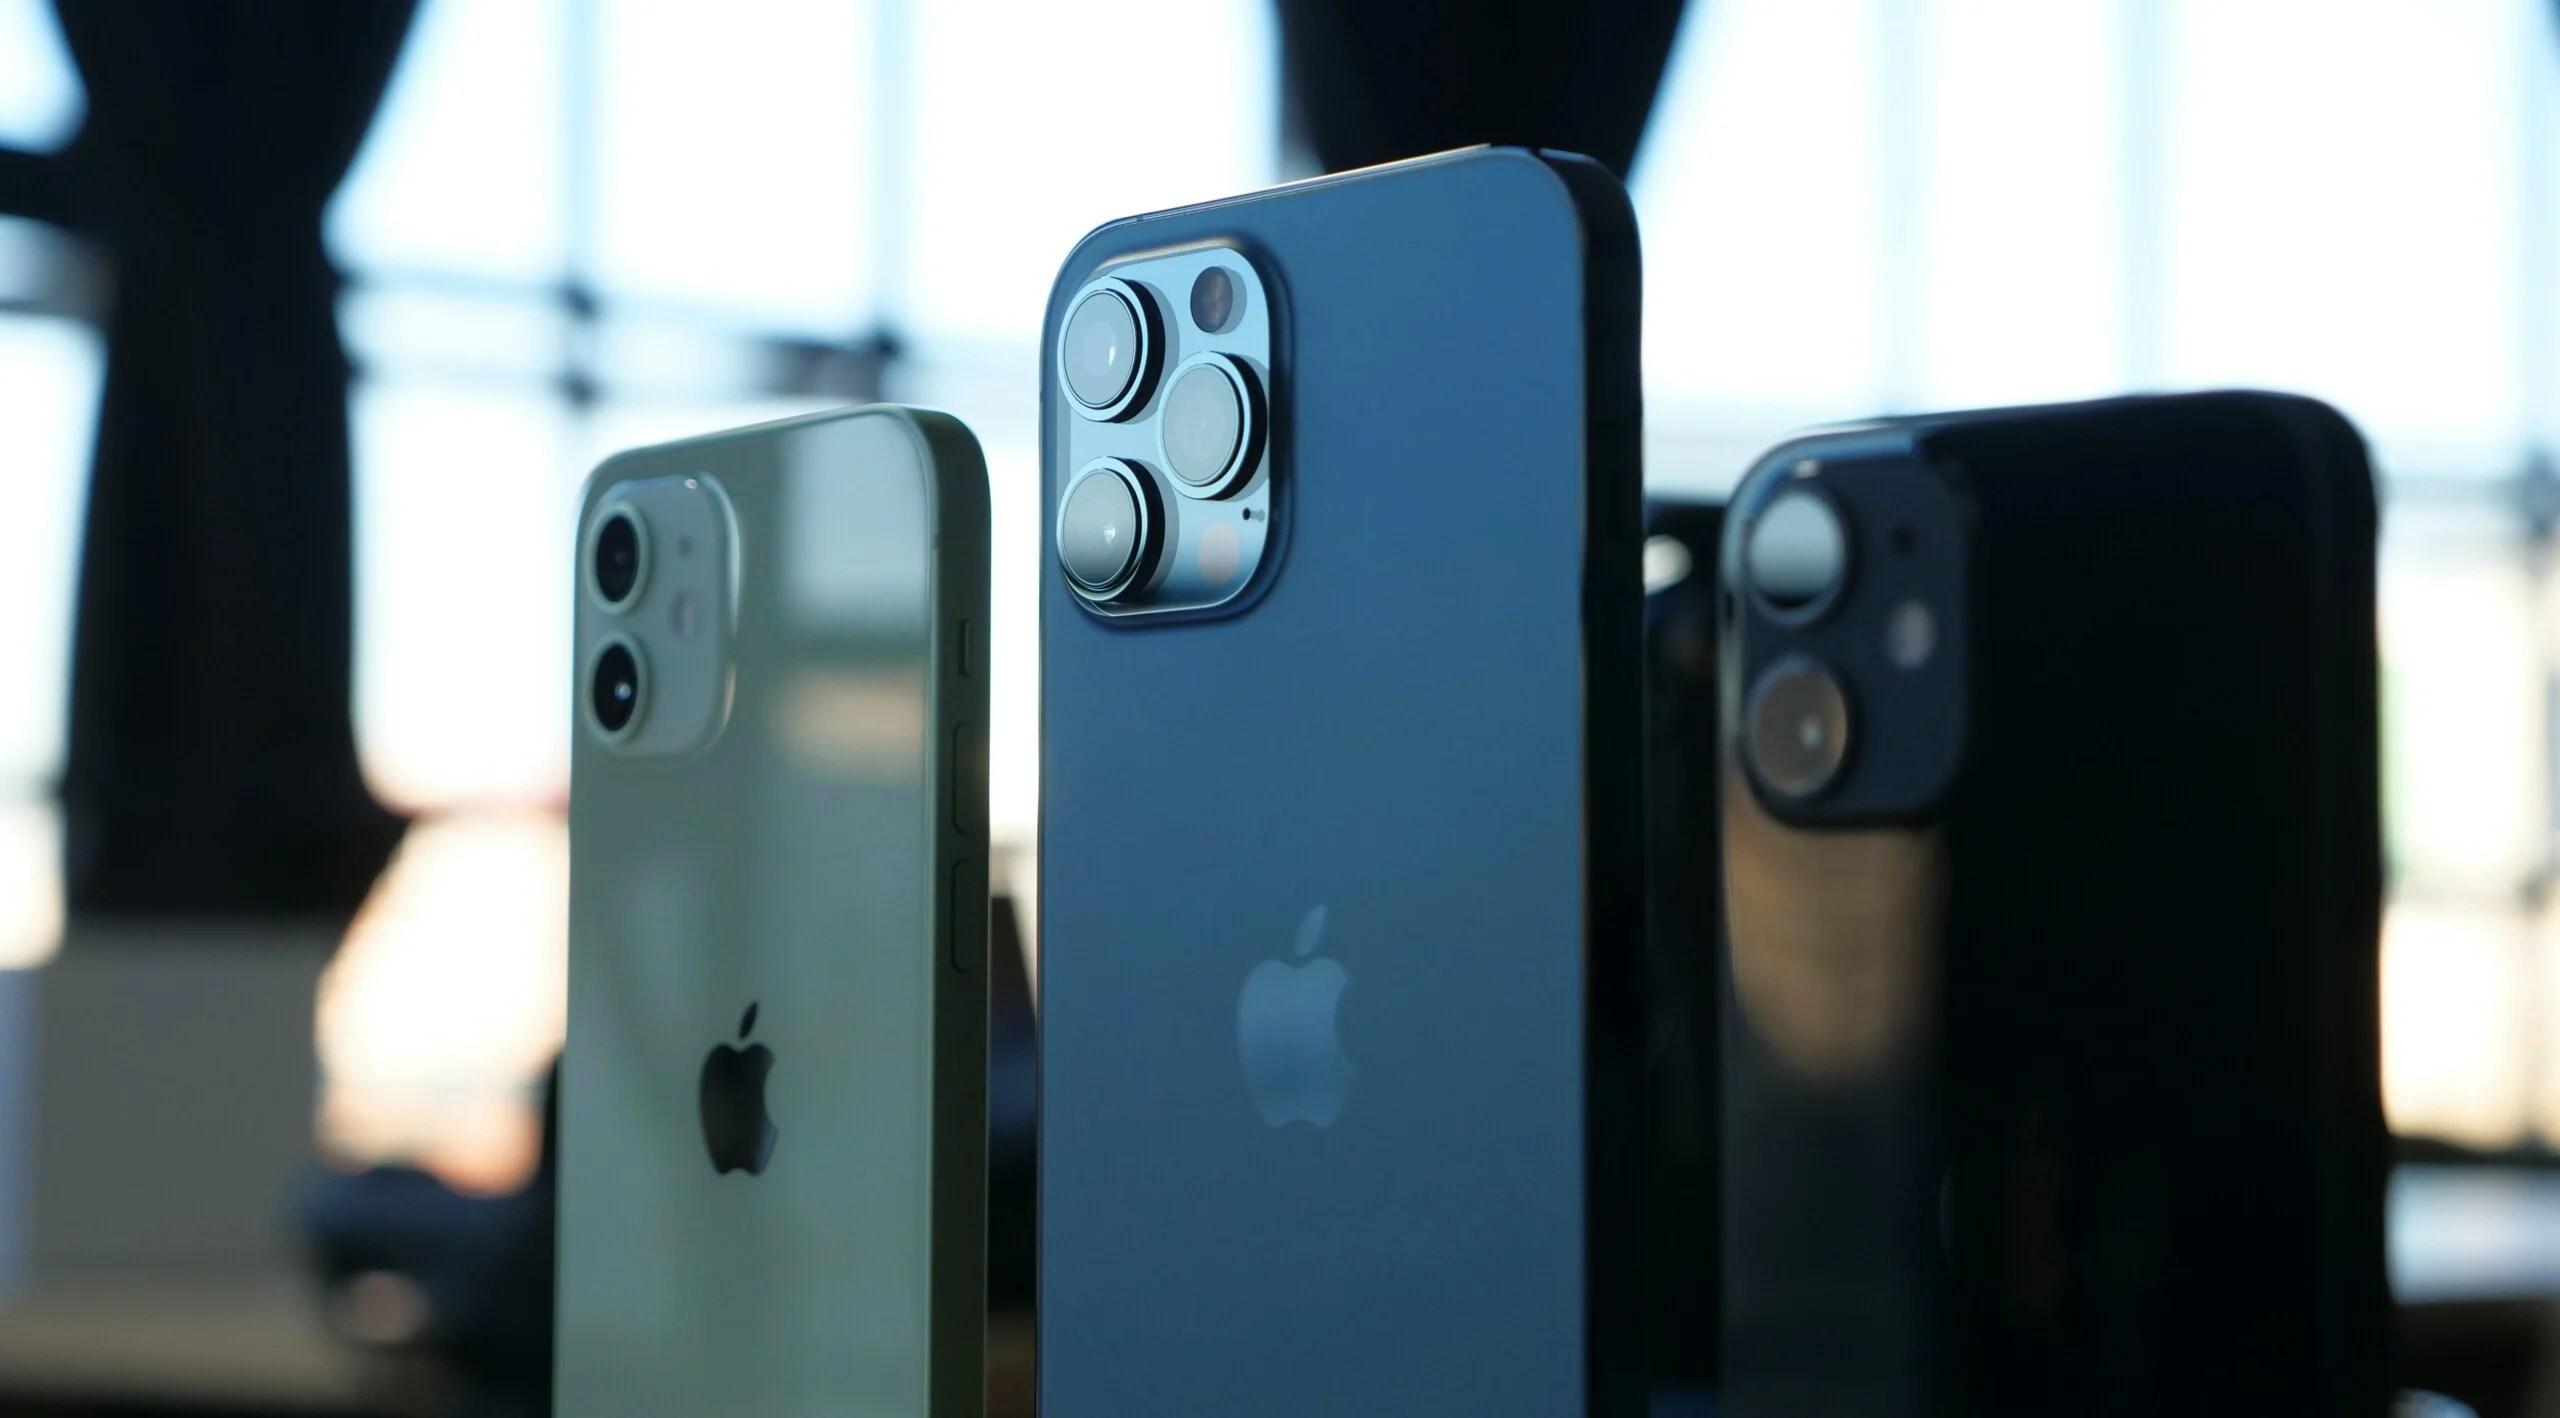 L'App Store d'Apple rejette désormais des applications utilisant un SDK qui traque vos données sans votre accord